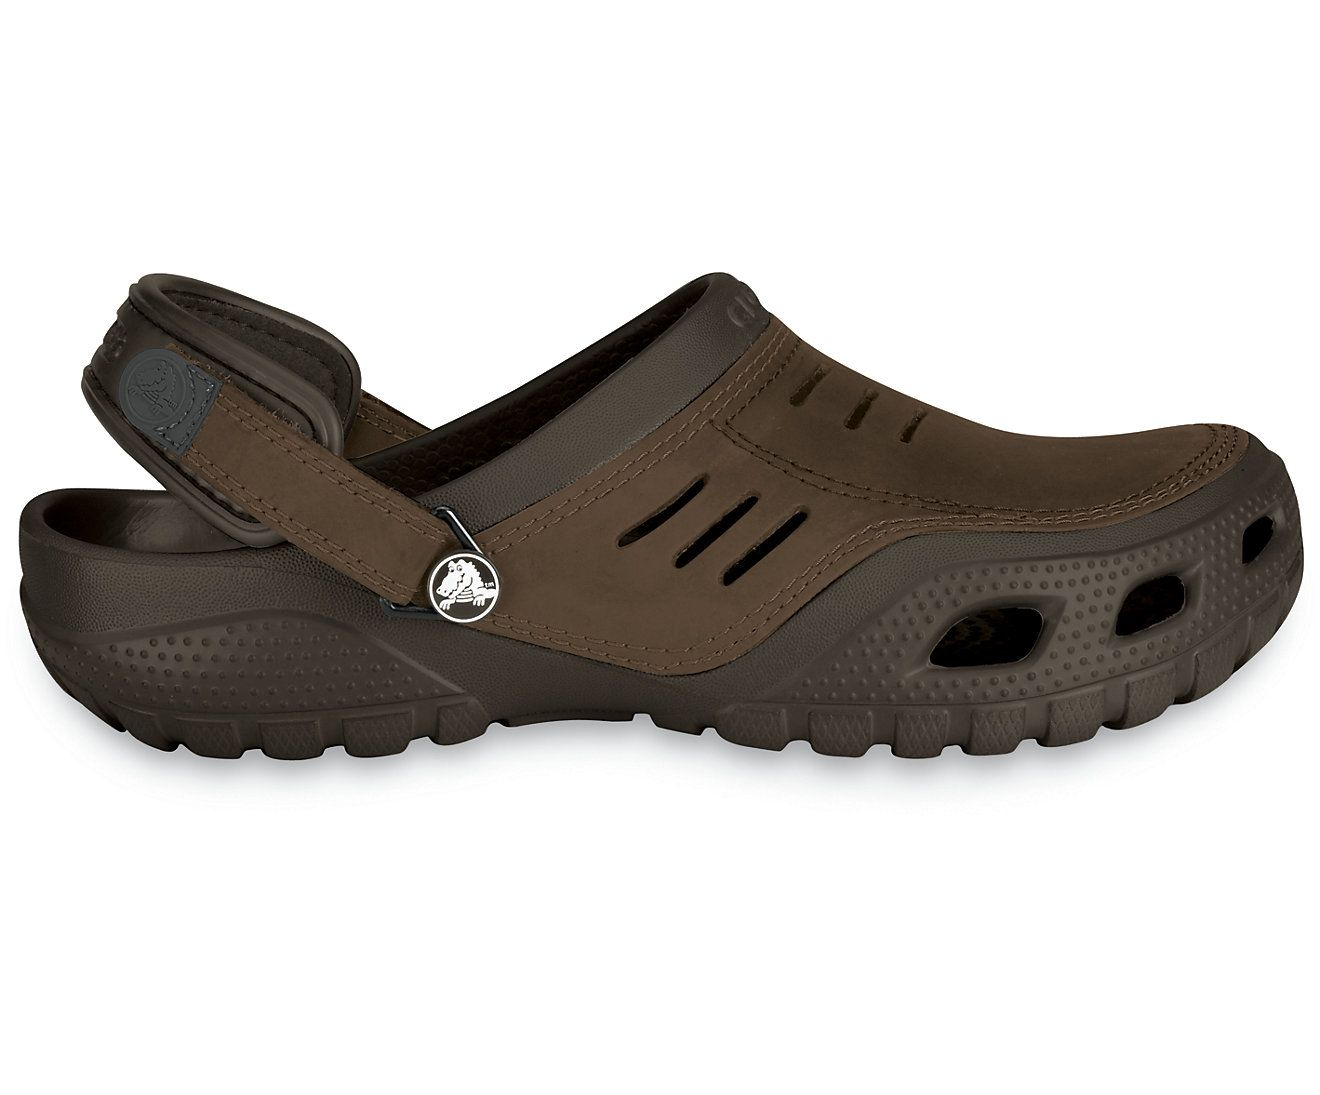 4536ee2ec94c Comfortable Gardening Shoes